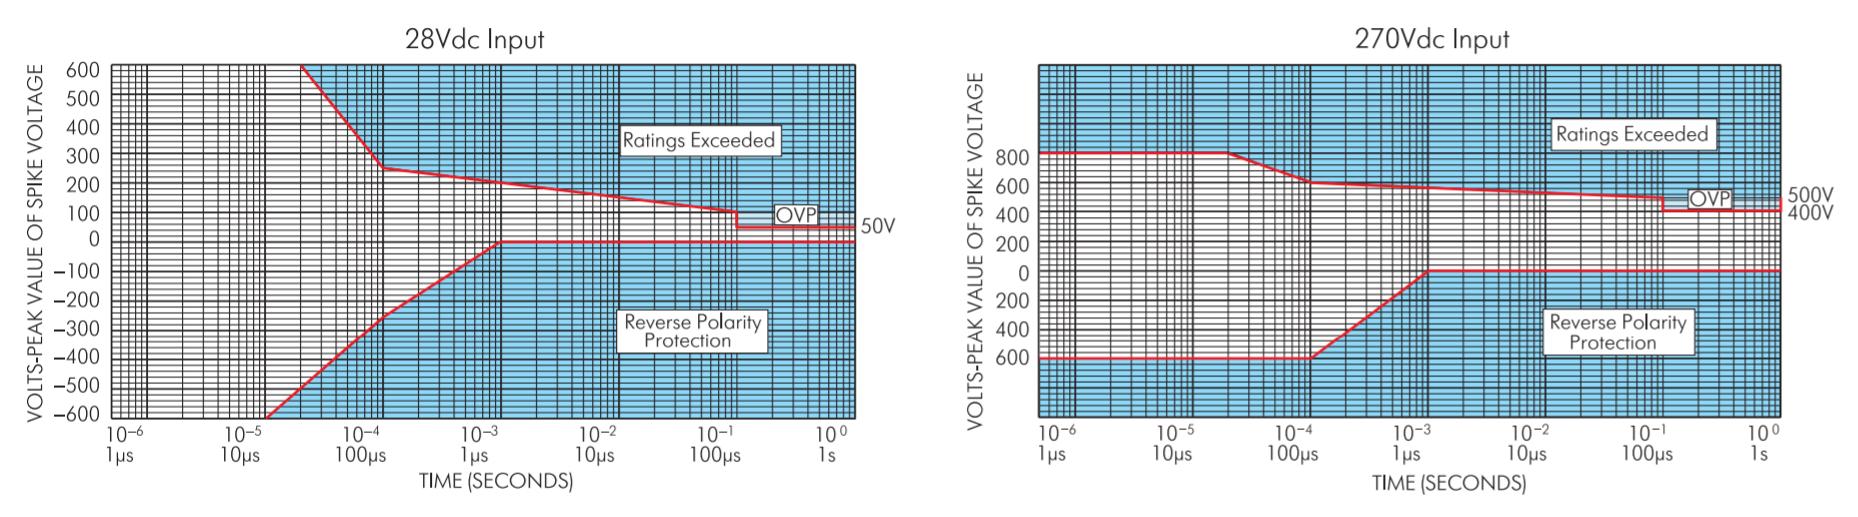 Амплитудно-временная диаграмма области безопасной работы фильтров M-FIAM5 (входное напряжение 28 В) и M-FIAM3 (входное напряжение 270 В)